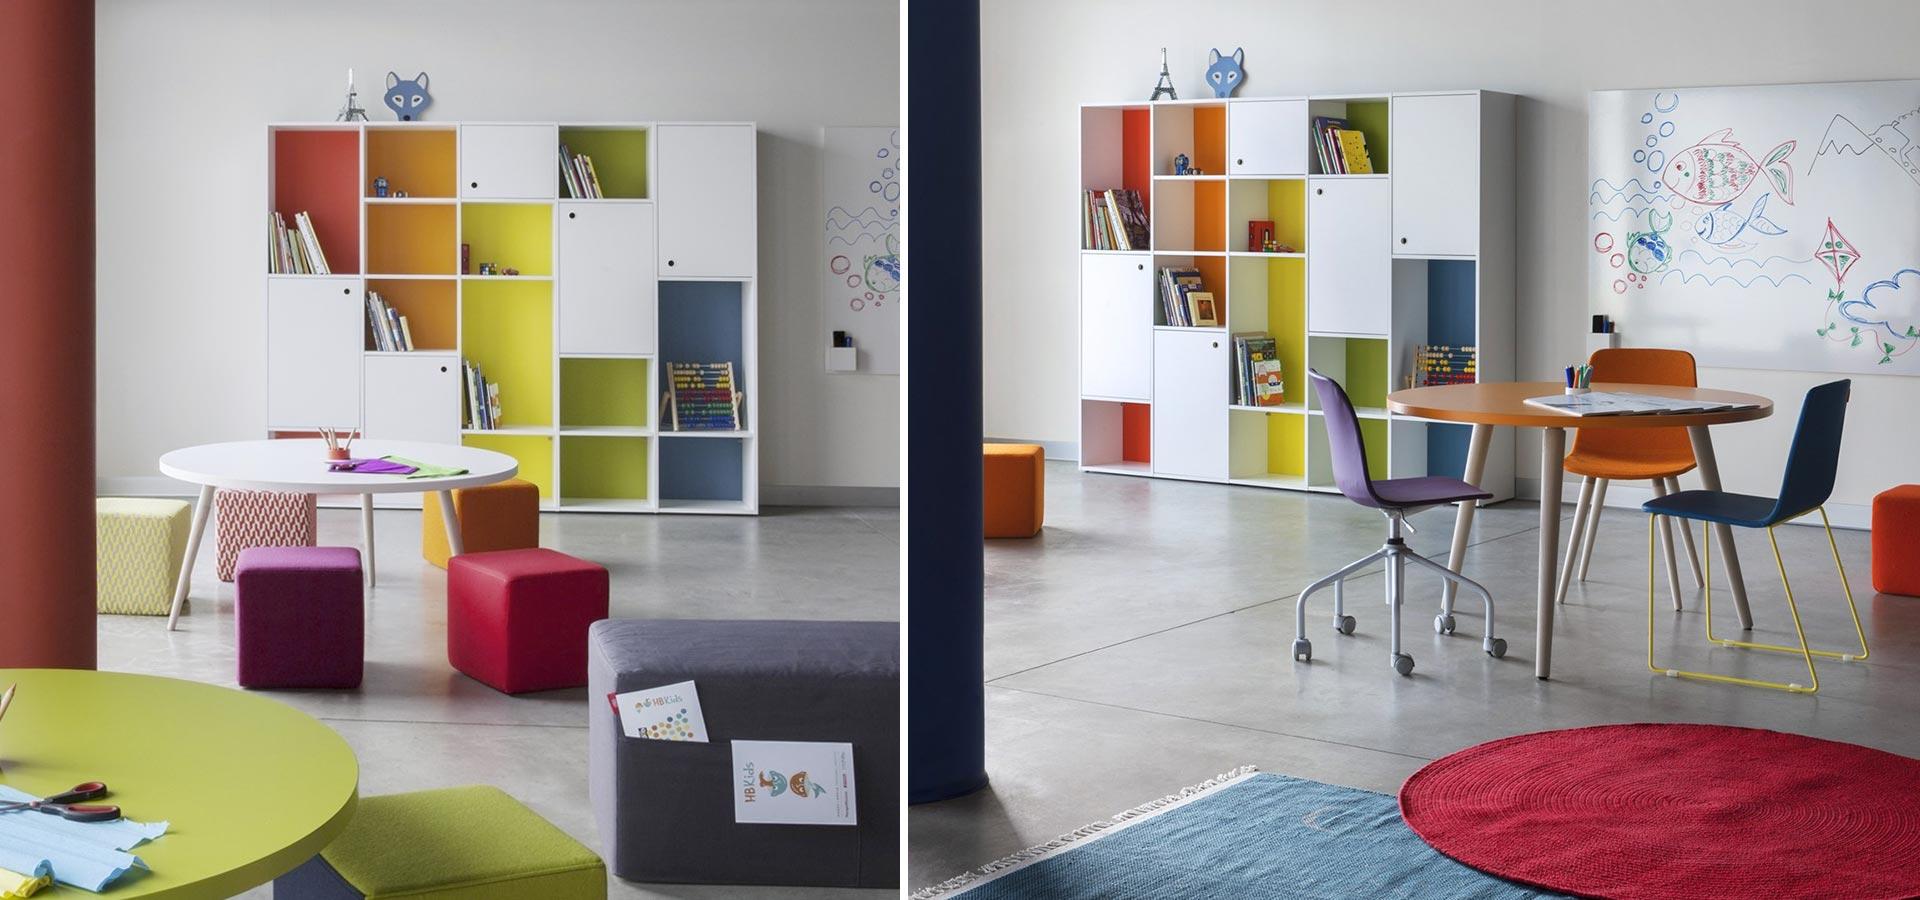 Estanterias para habitaciones y dormitorios juveniles - Estanteria pared blanca ...